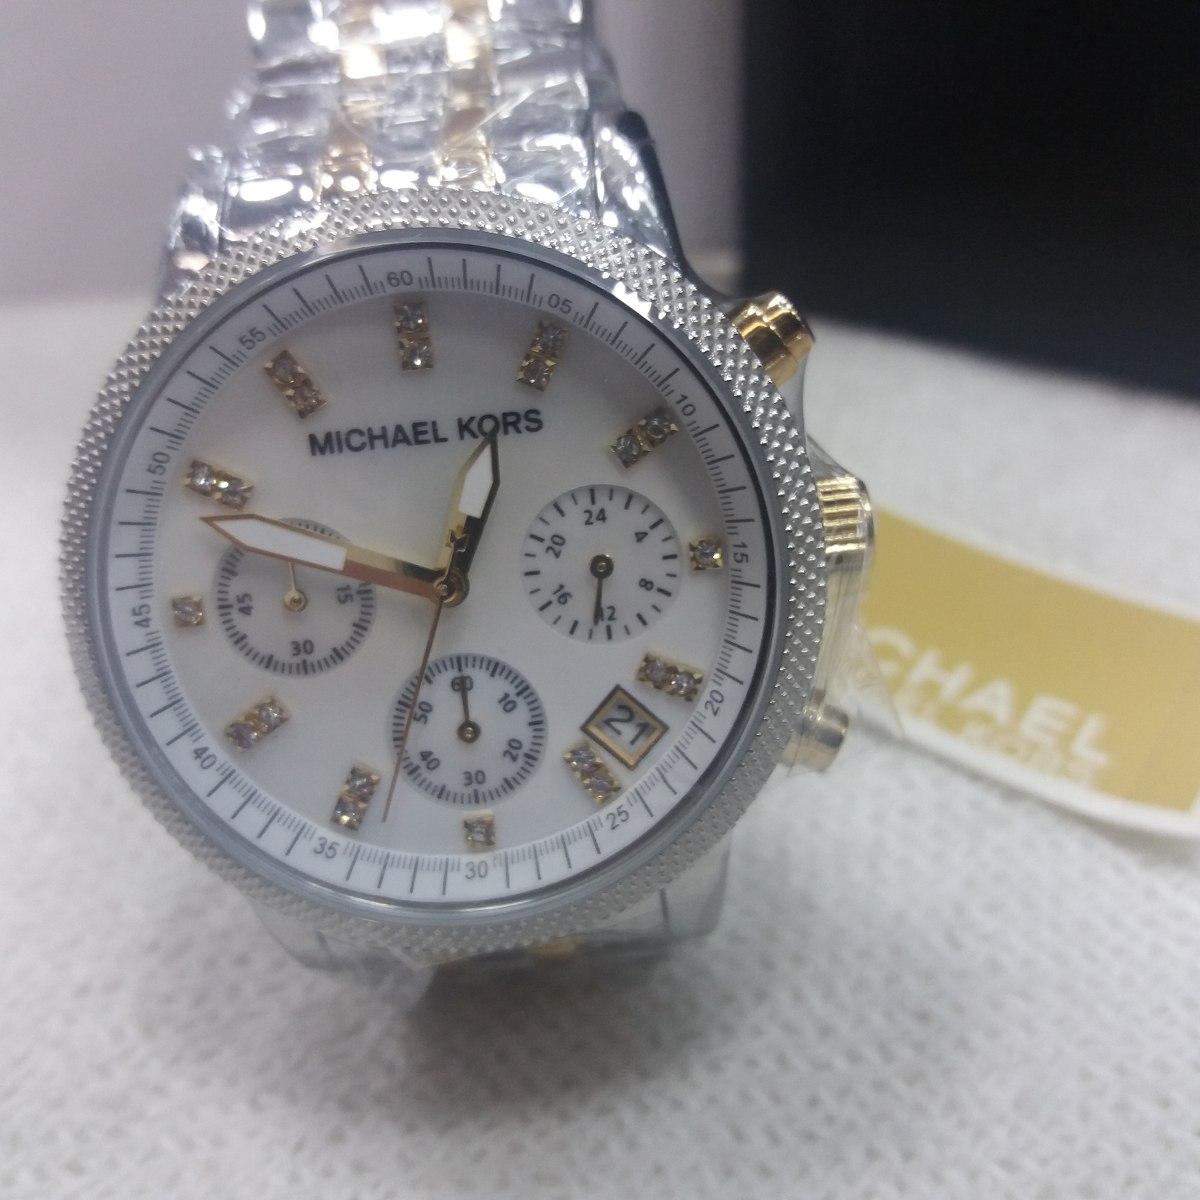 db56f254be8 relógio michael kors mk5057 prata com dourado original. Carregando zoom.